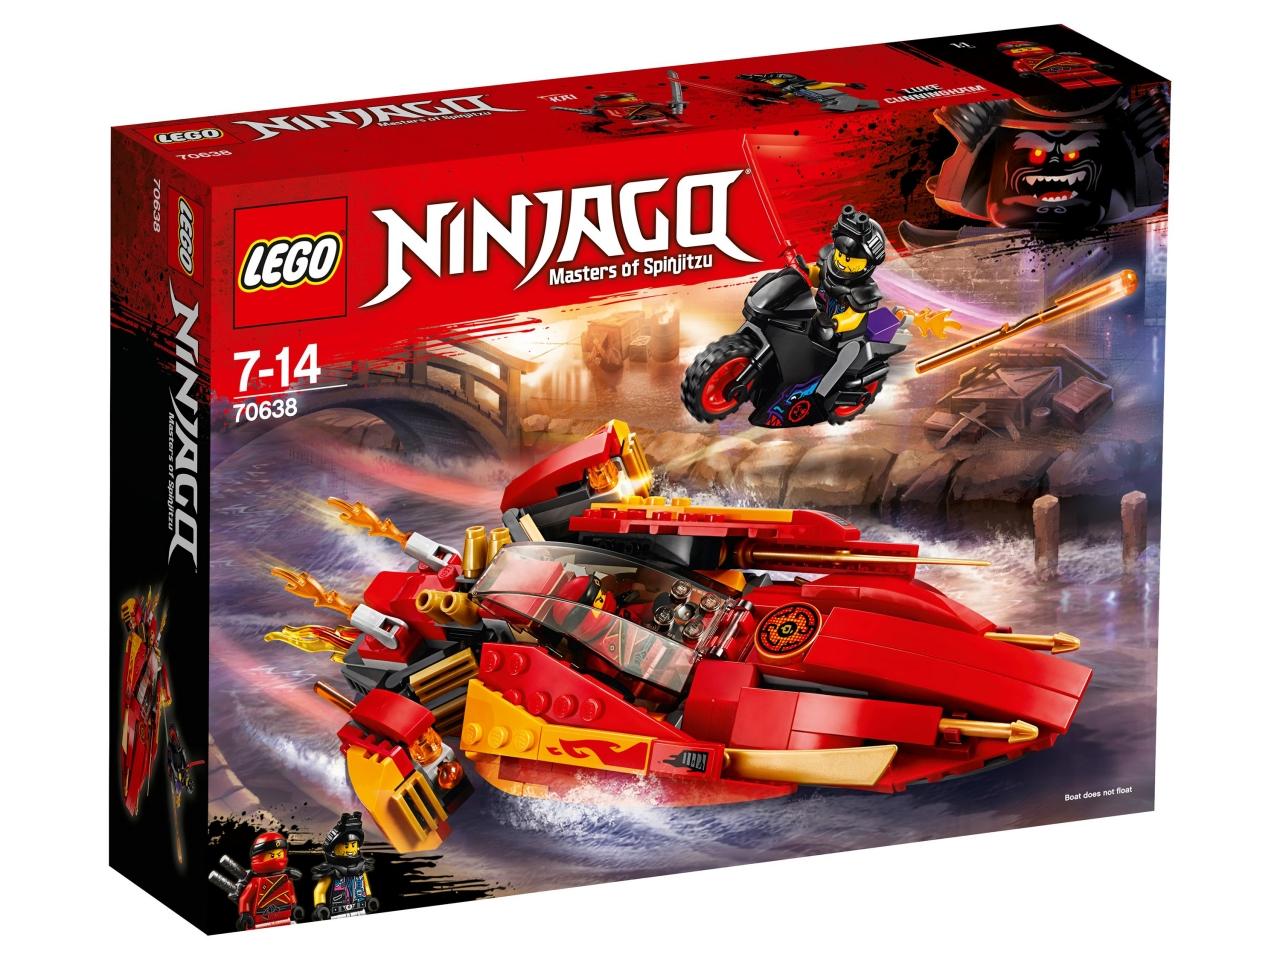 Купить Конструктор LEGO 70638 Ninjago Катана V11, пластик, Для мальчиков и девочек, Чехия, Конструкторы